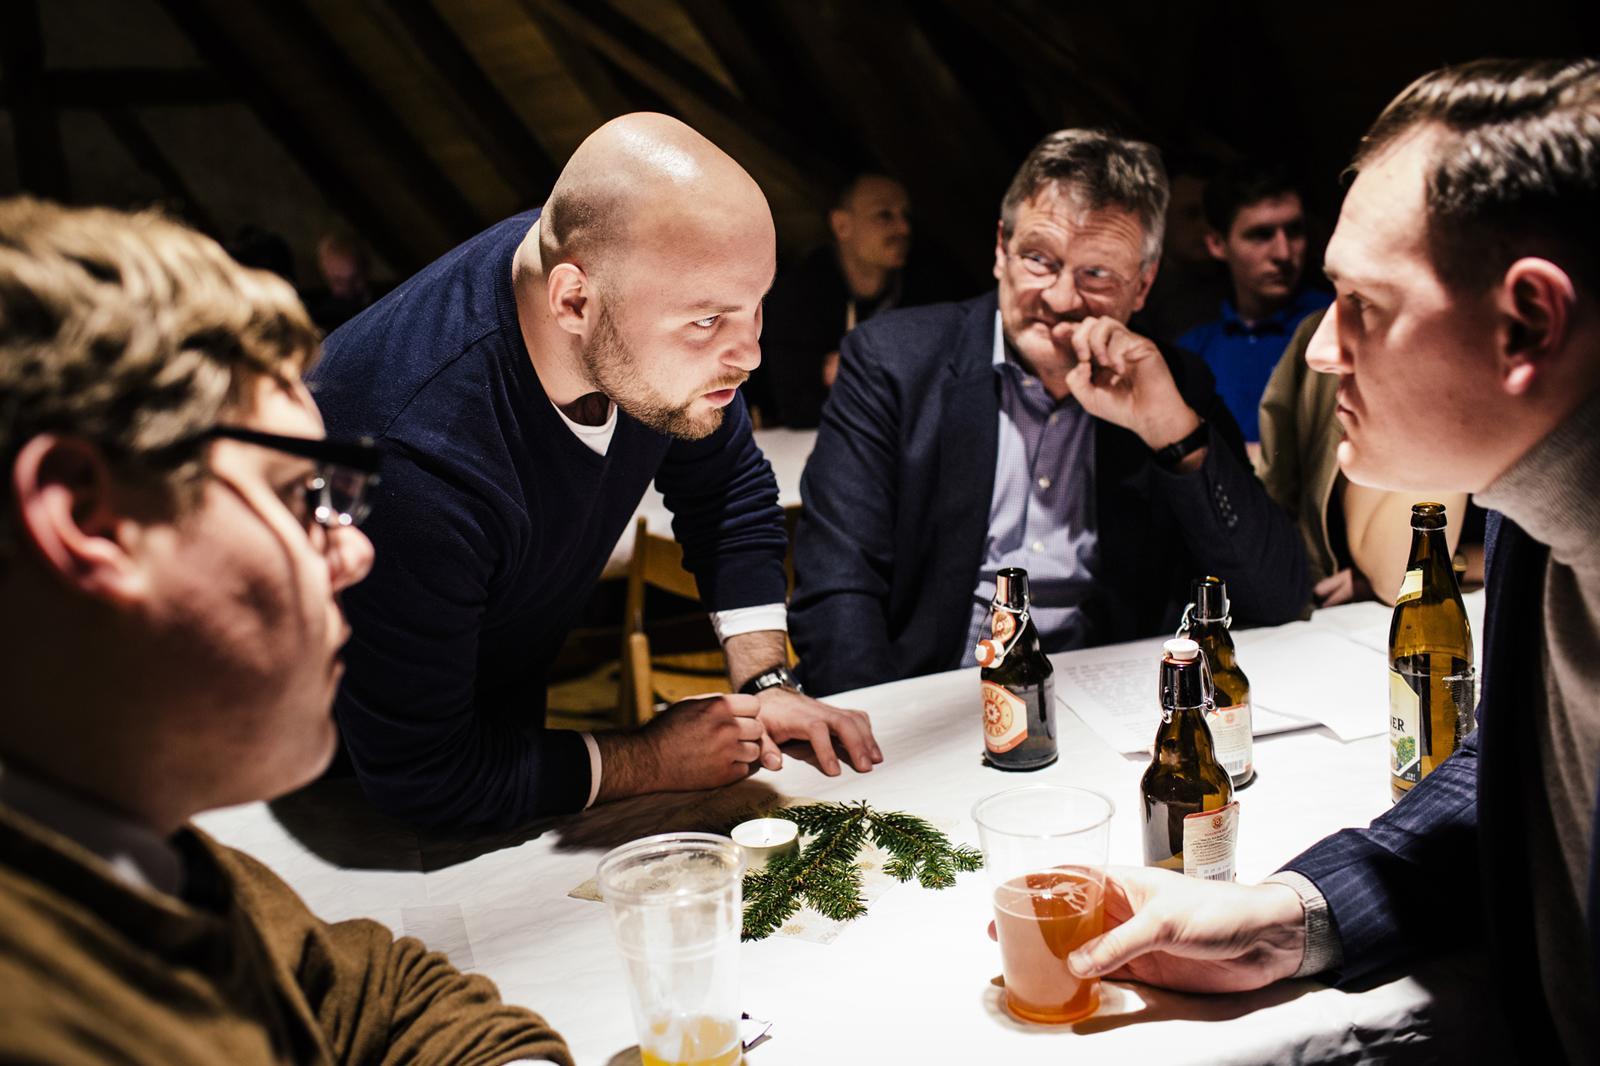 Markus Frohnmaier, Jörg Meuten und andere Mitglieder der AfD